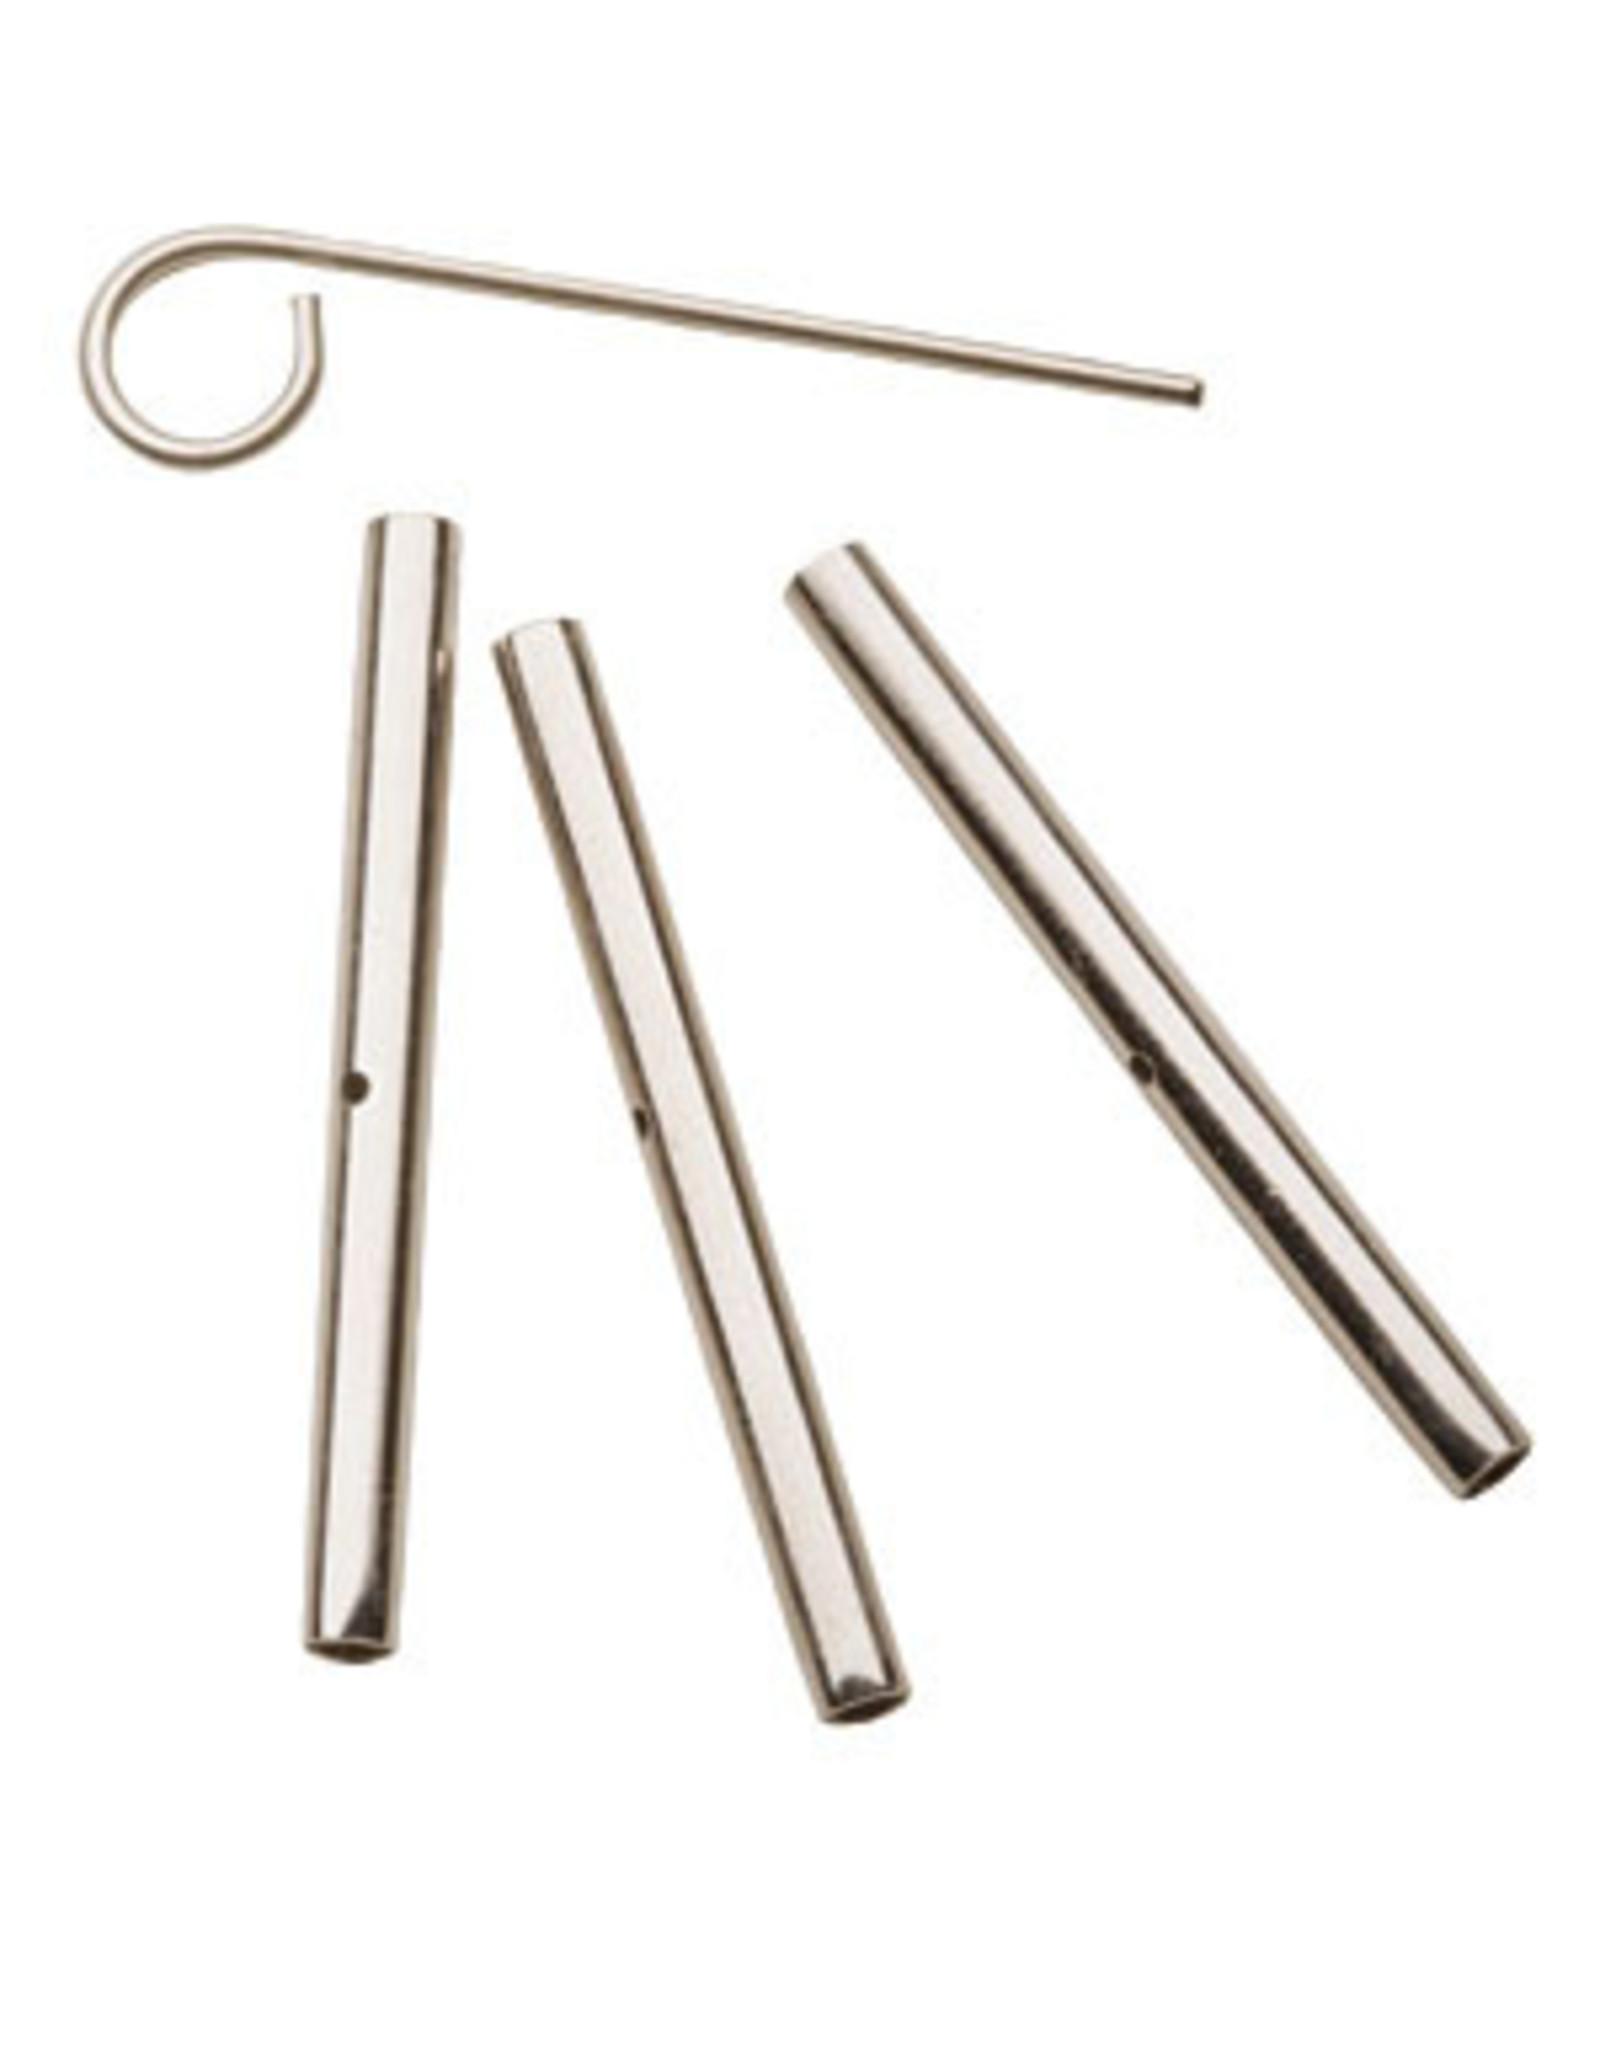 Knit Picks Knit Picks Cable Connectors